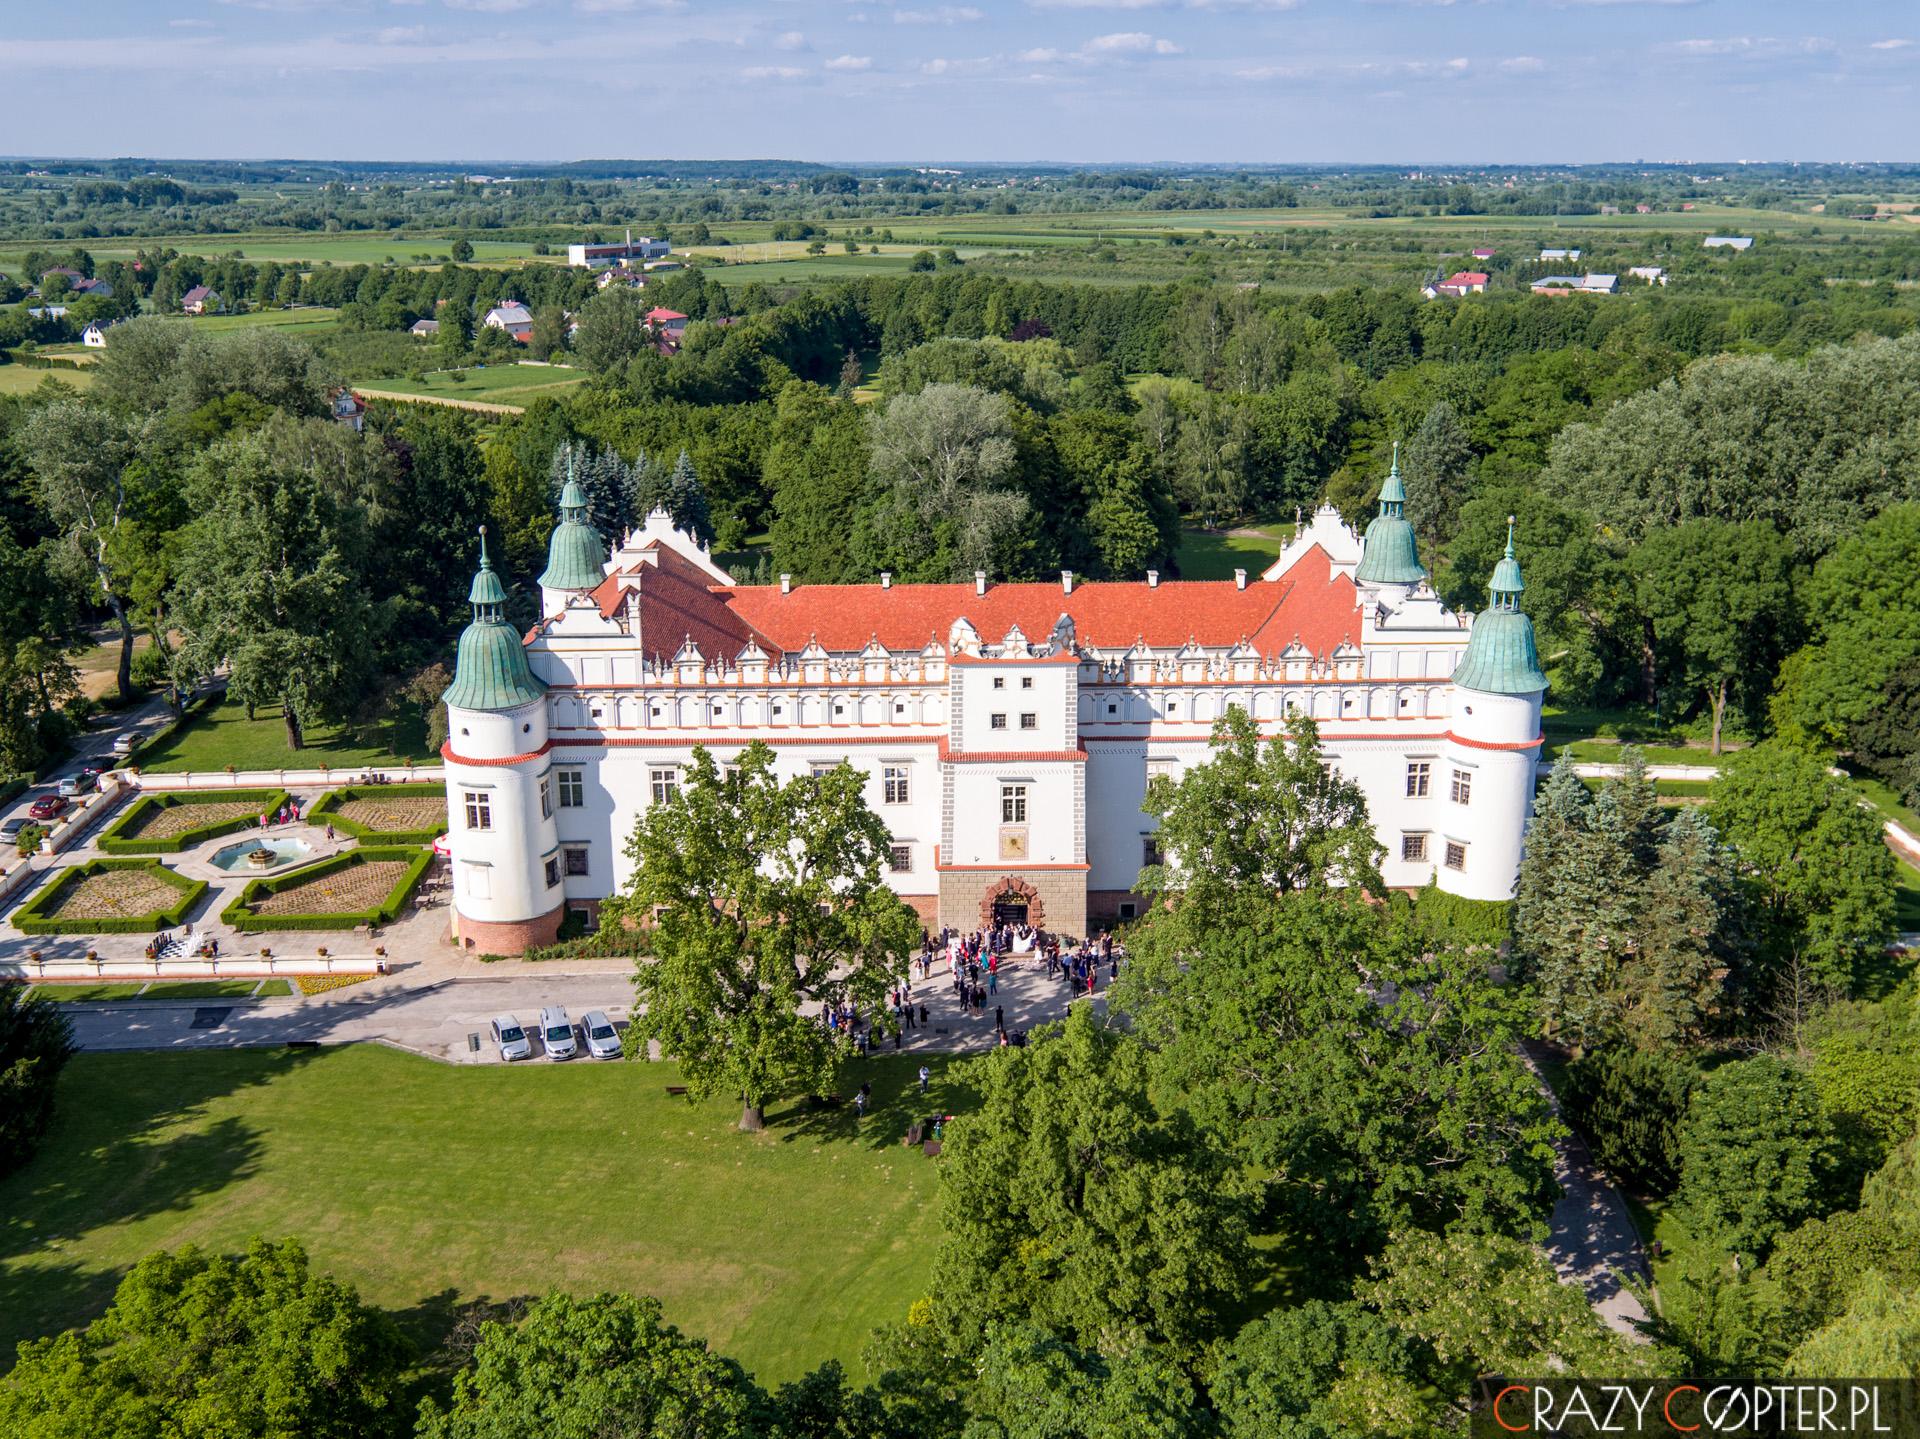 Ślub nazamku wBaranowie Sandomierskim - zdjęcie zdrona